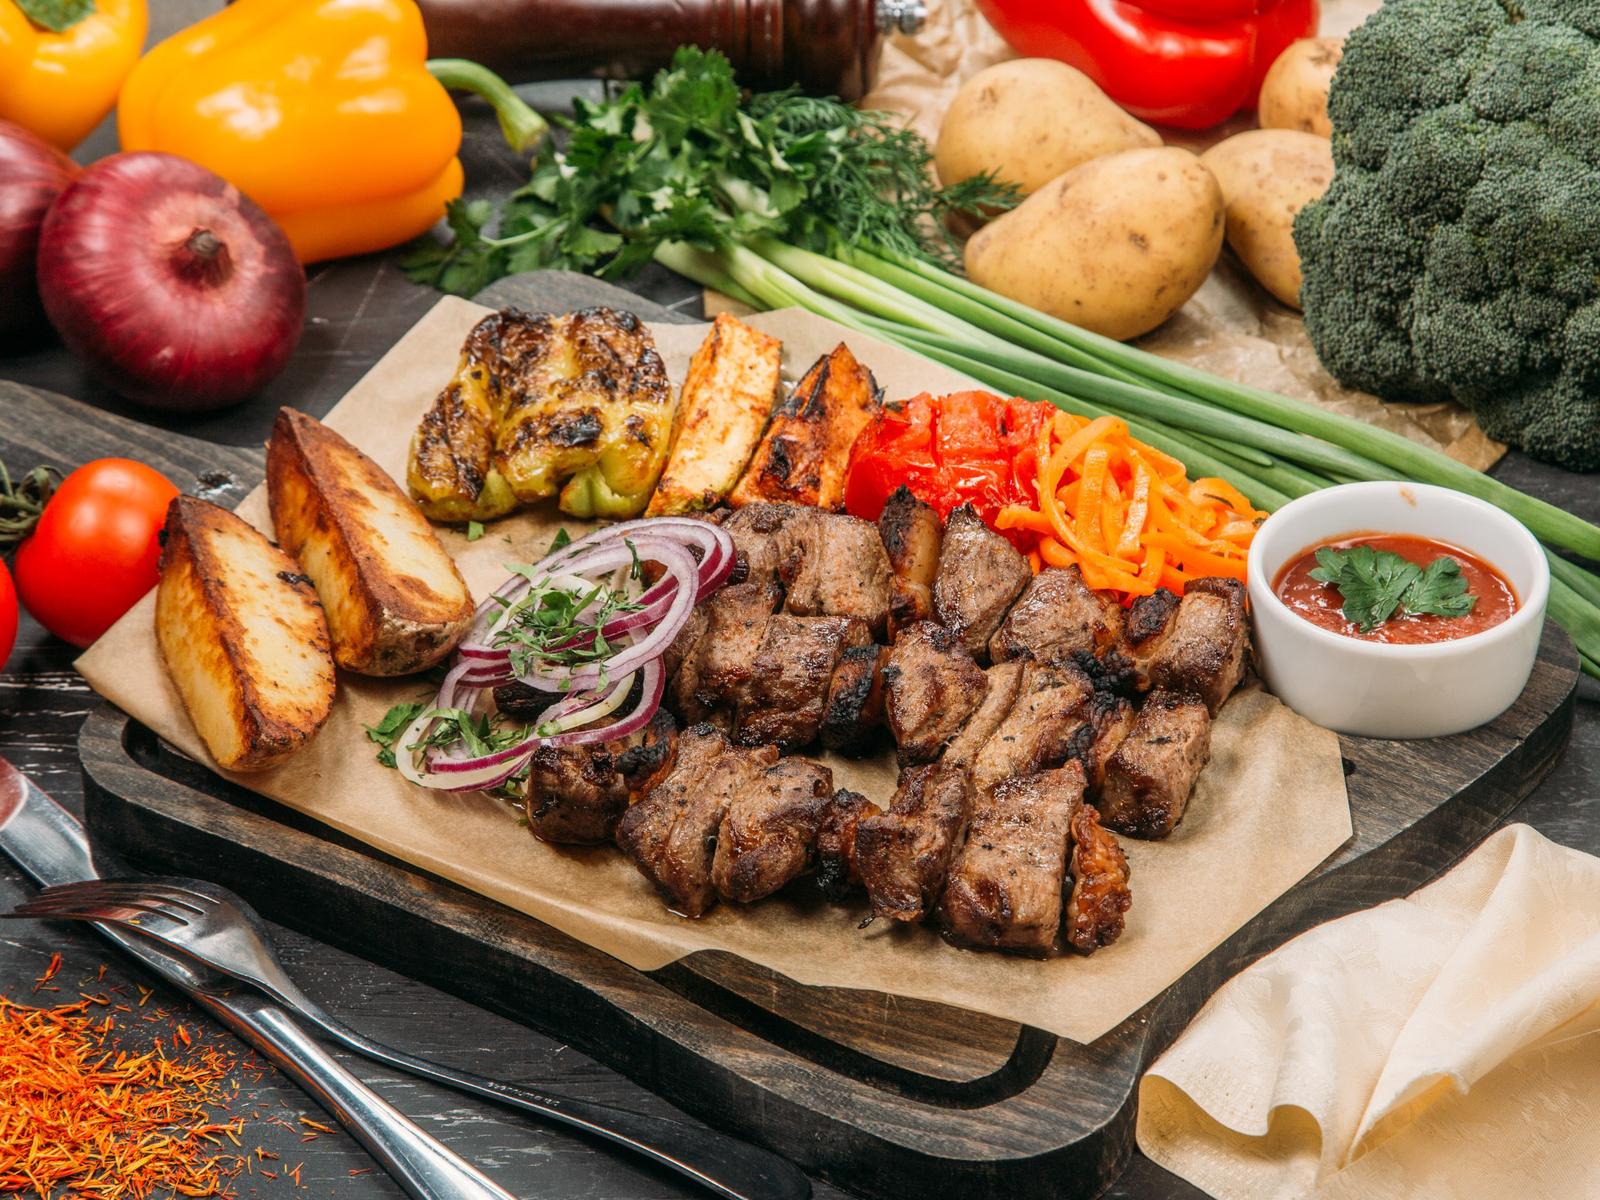 Шашлык из мякоти баранины с овощами на гриле и картофелем по-деревенски